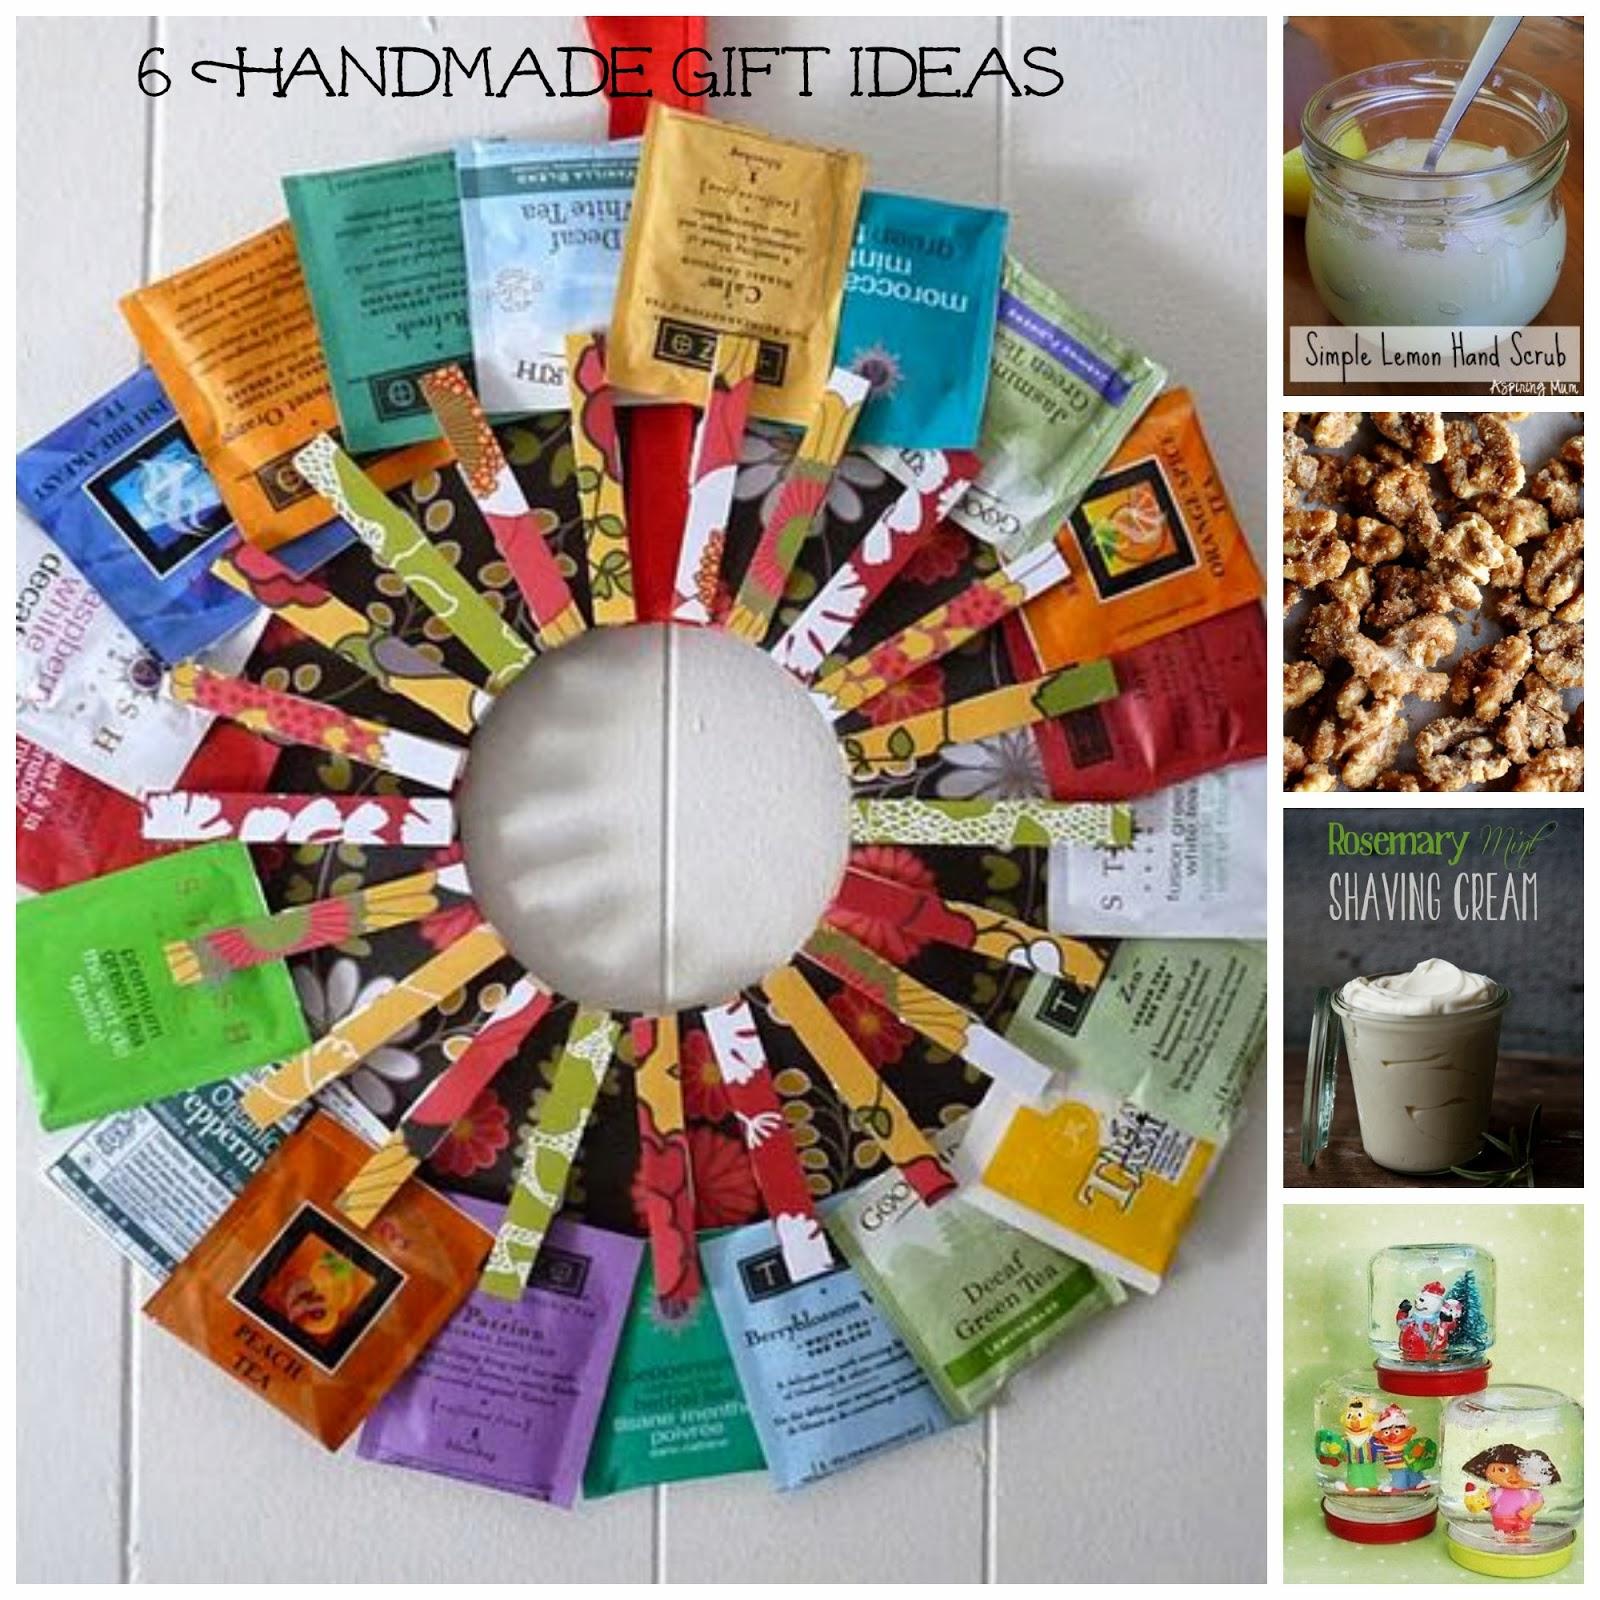 Handmade Gift Ideas: Handmade Gift Ideas-guest Post